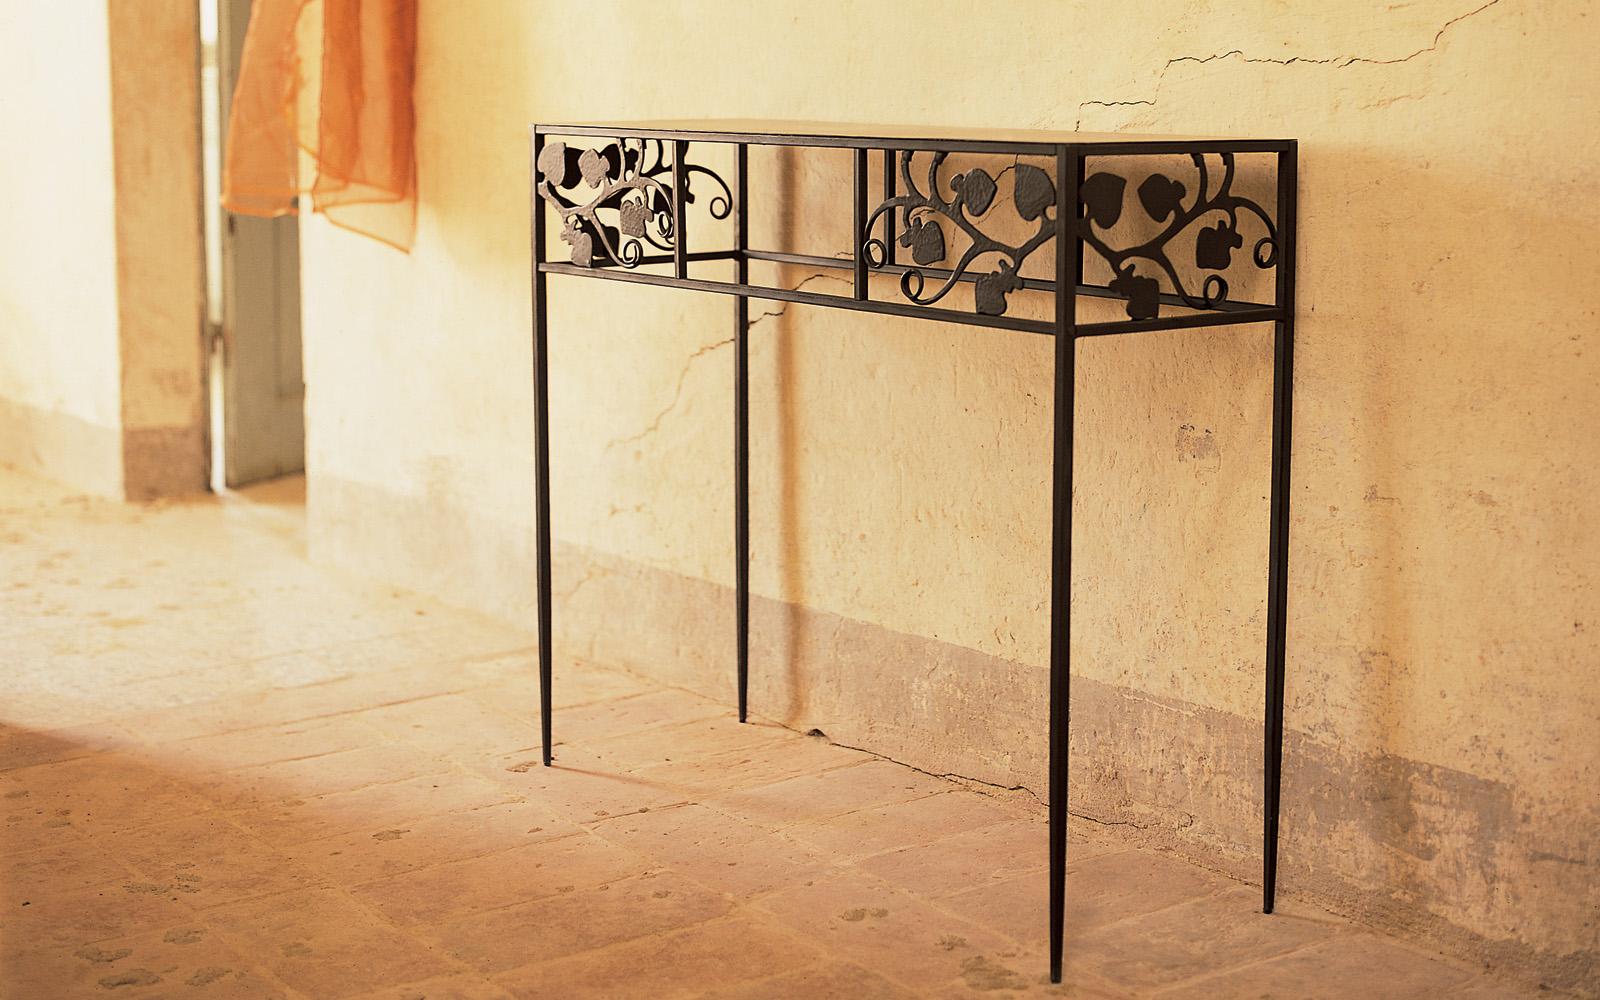 Consolle ferro battuto toscana letti in ferro battuto - Tavolini in ferro battuto ikea ...